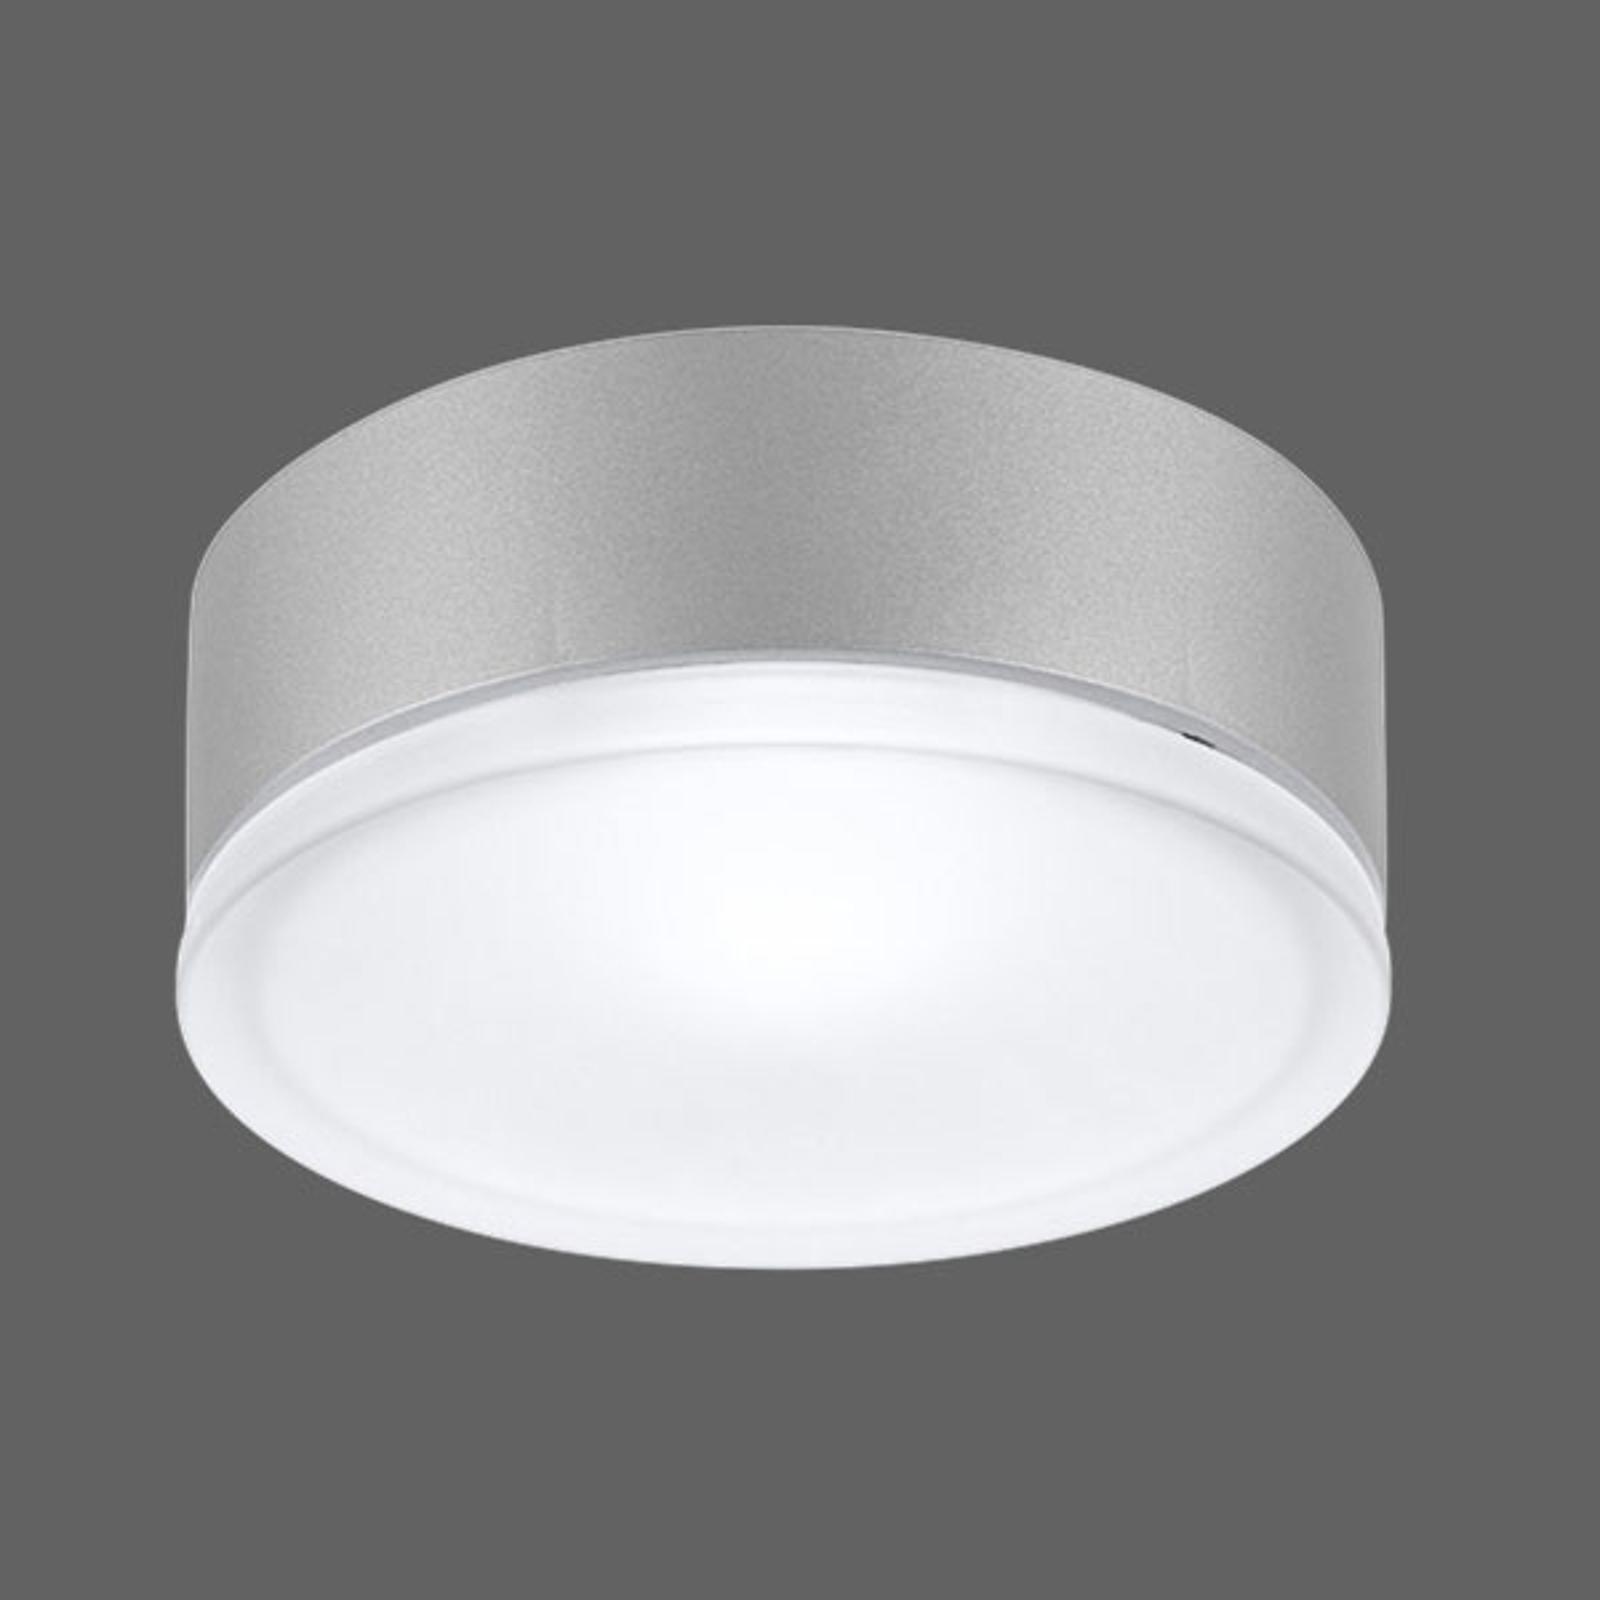 Acquista Con sensore HF - applique LED Drop 28 grigio